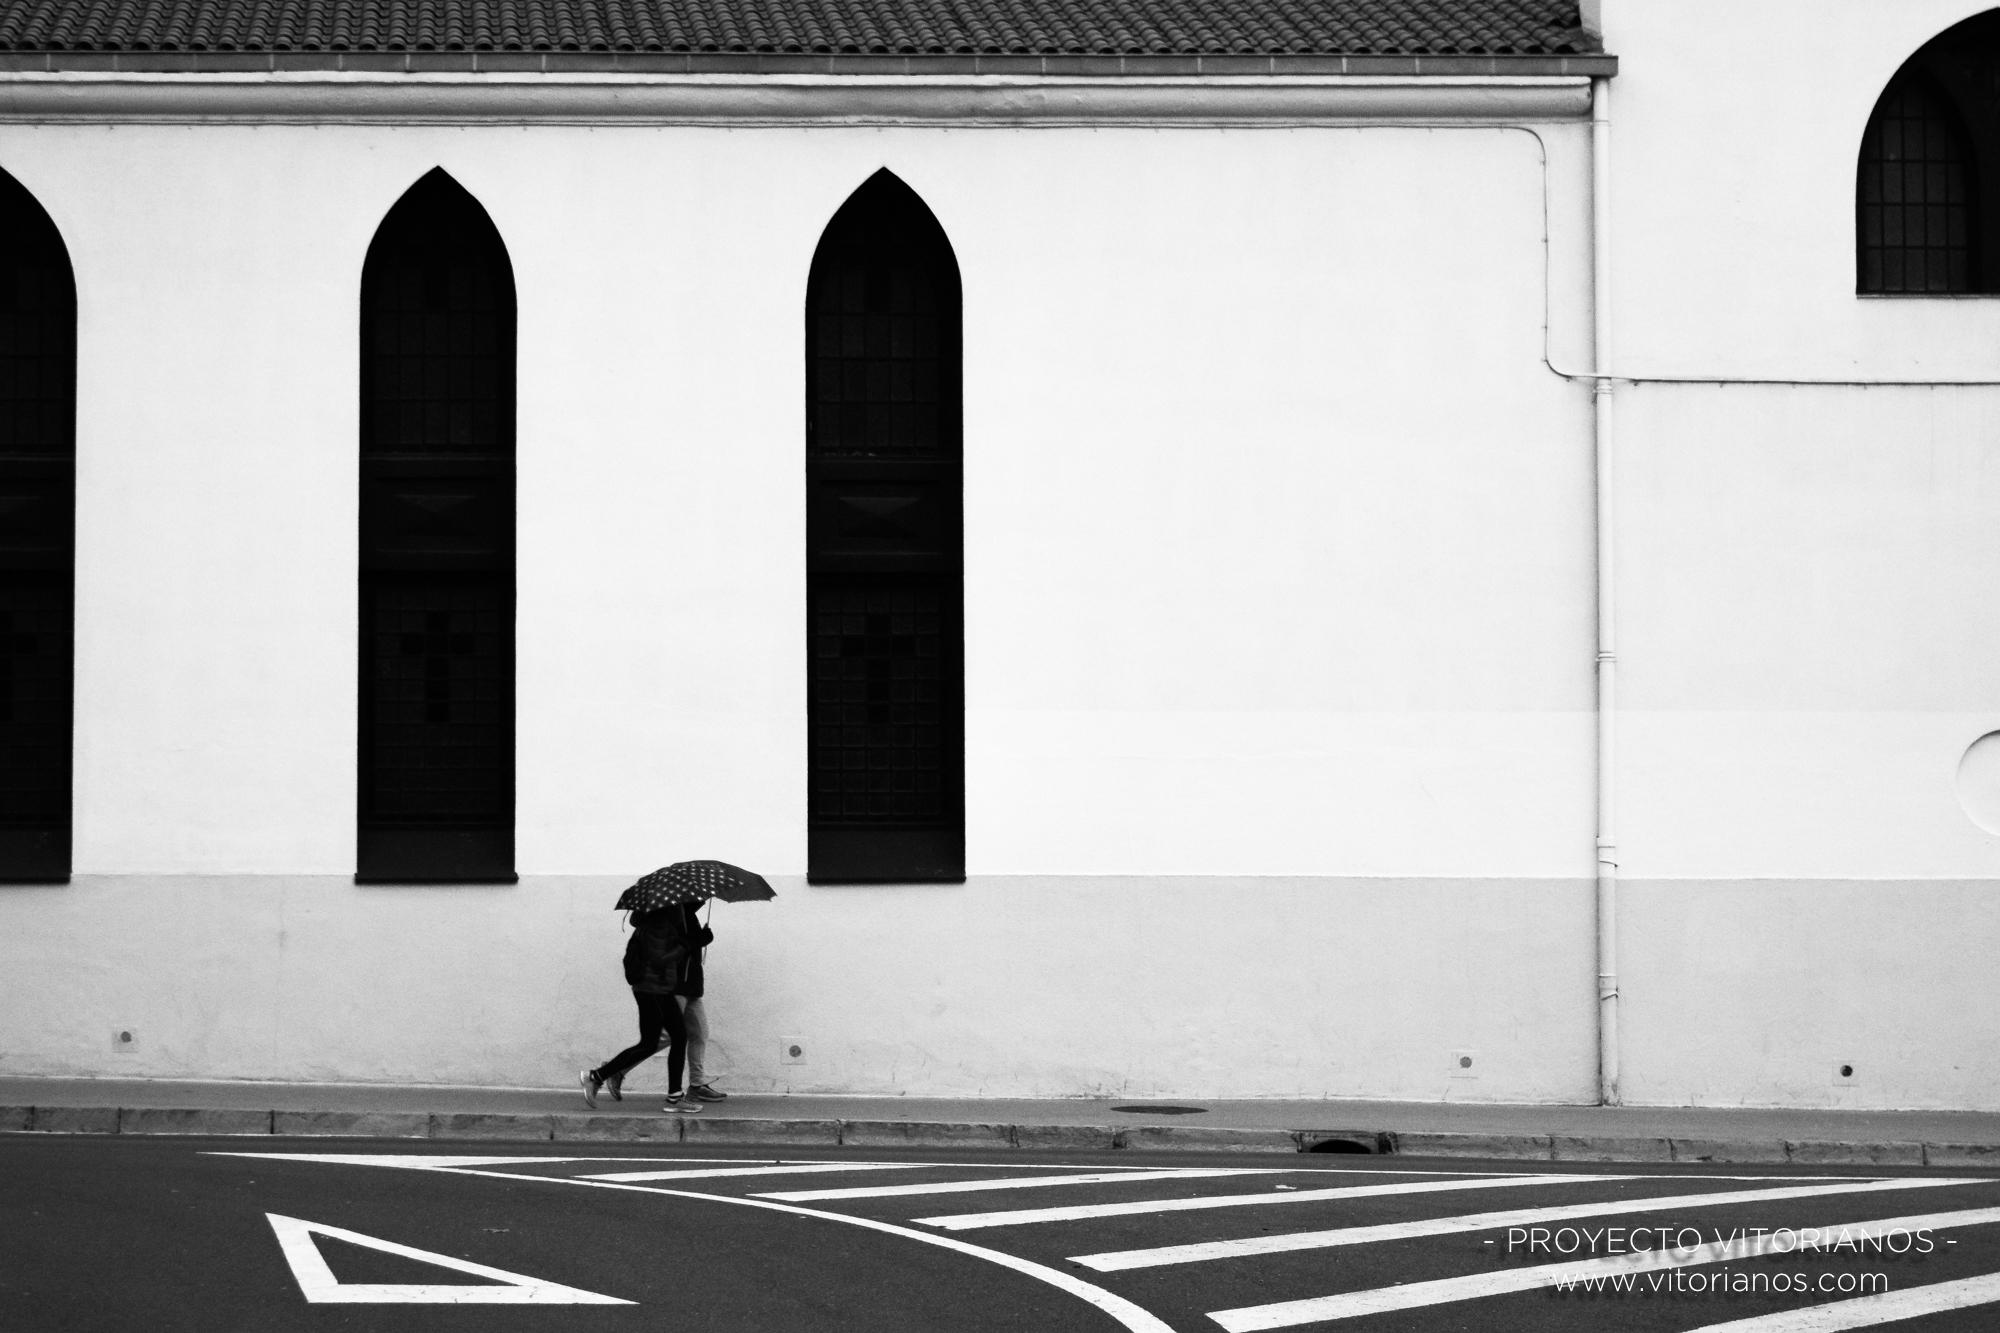 Vitorianos en la Parroquia de San Cristobal - Foto: José Antonio Eguiara